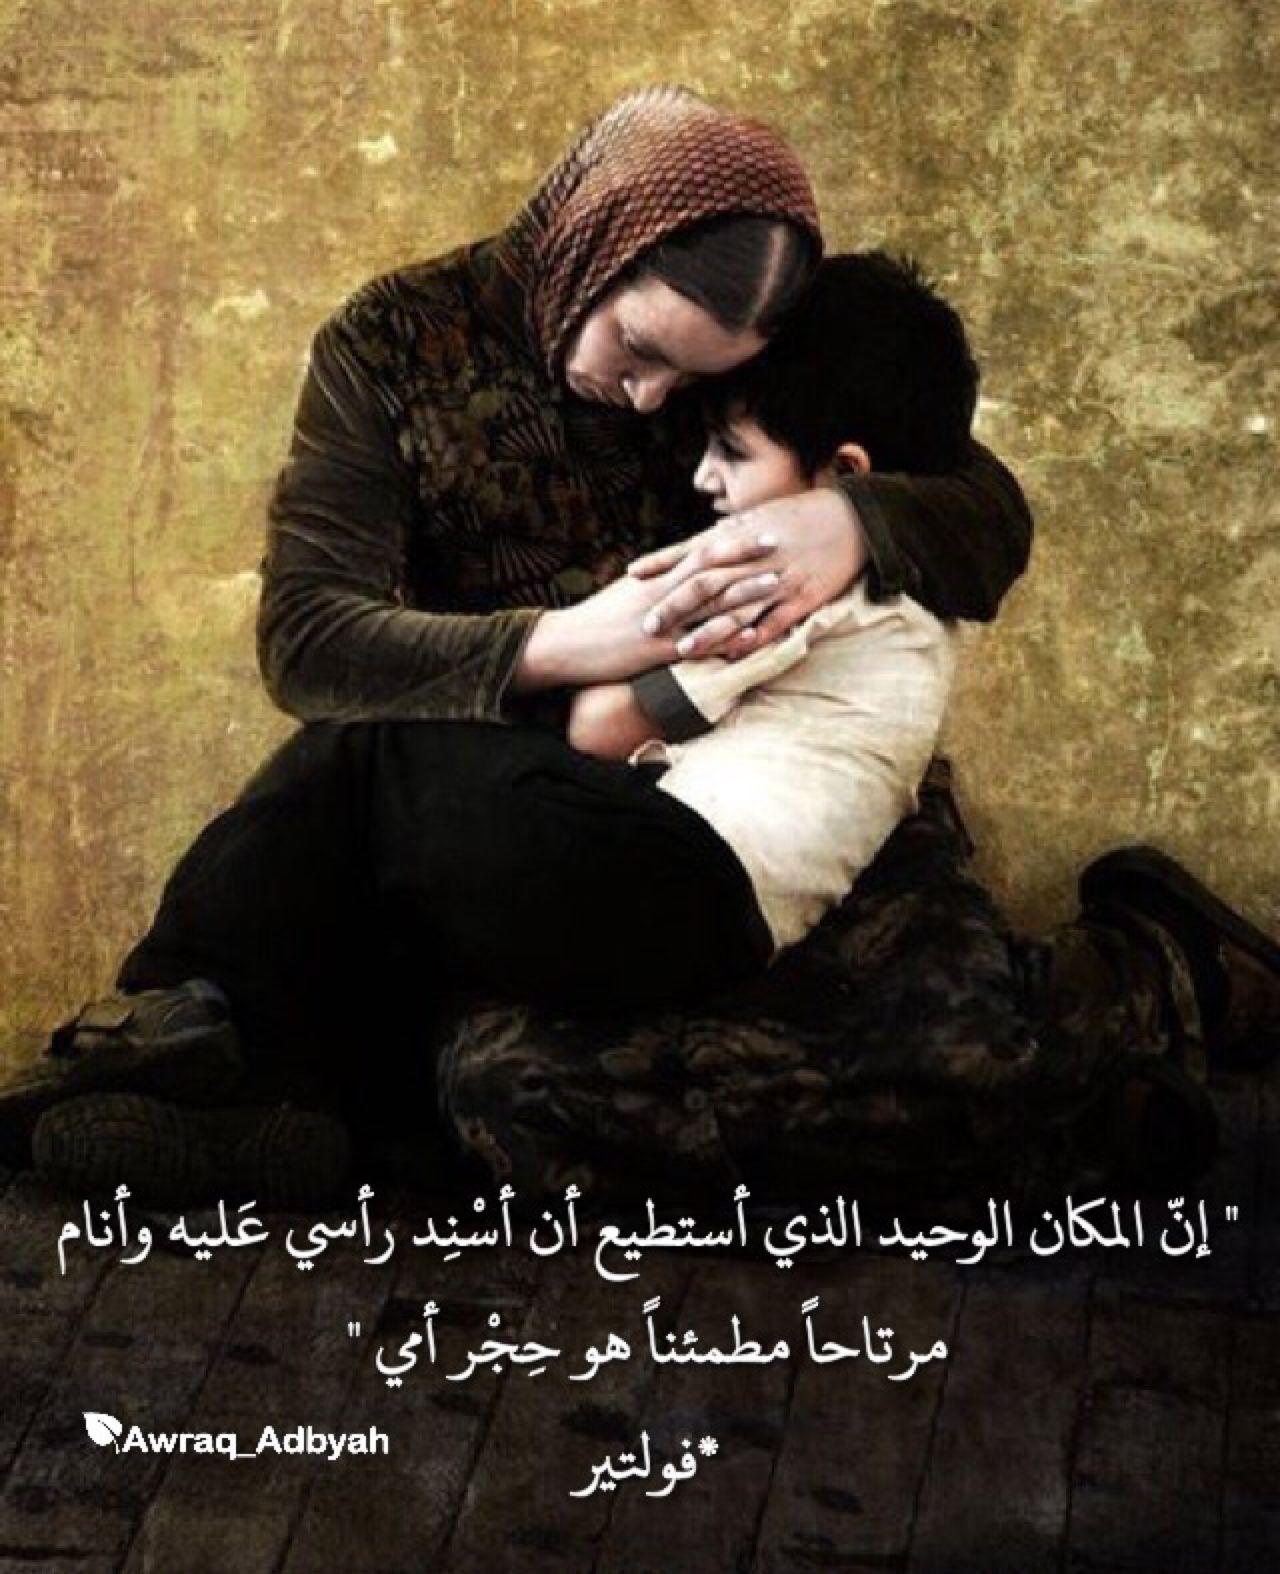 كلام عن الام حكم وكلمات مؤثرة عن الأم صور عن الأم مكتوب عليها كلام Mother Pictures Aesthetic Photography Imagery